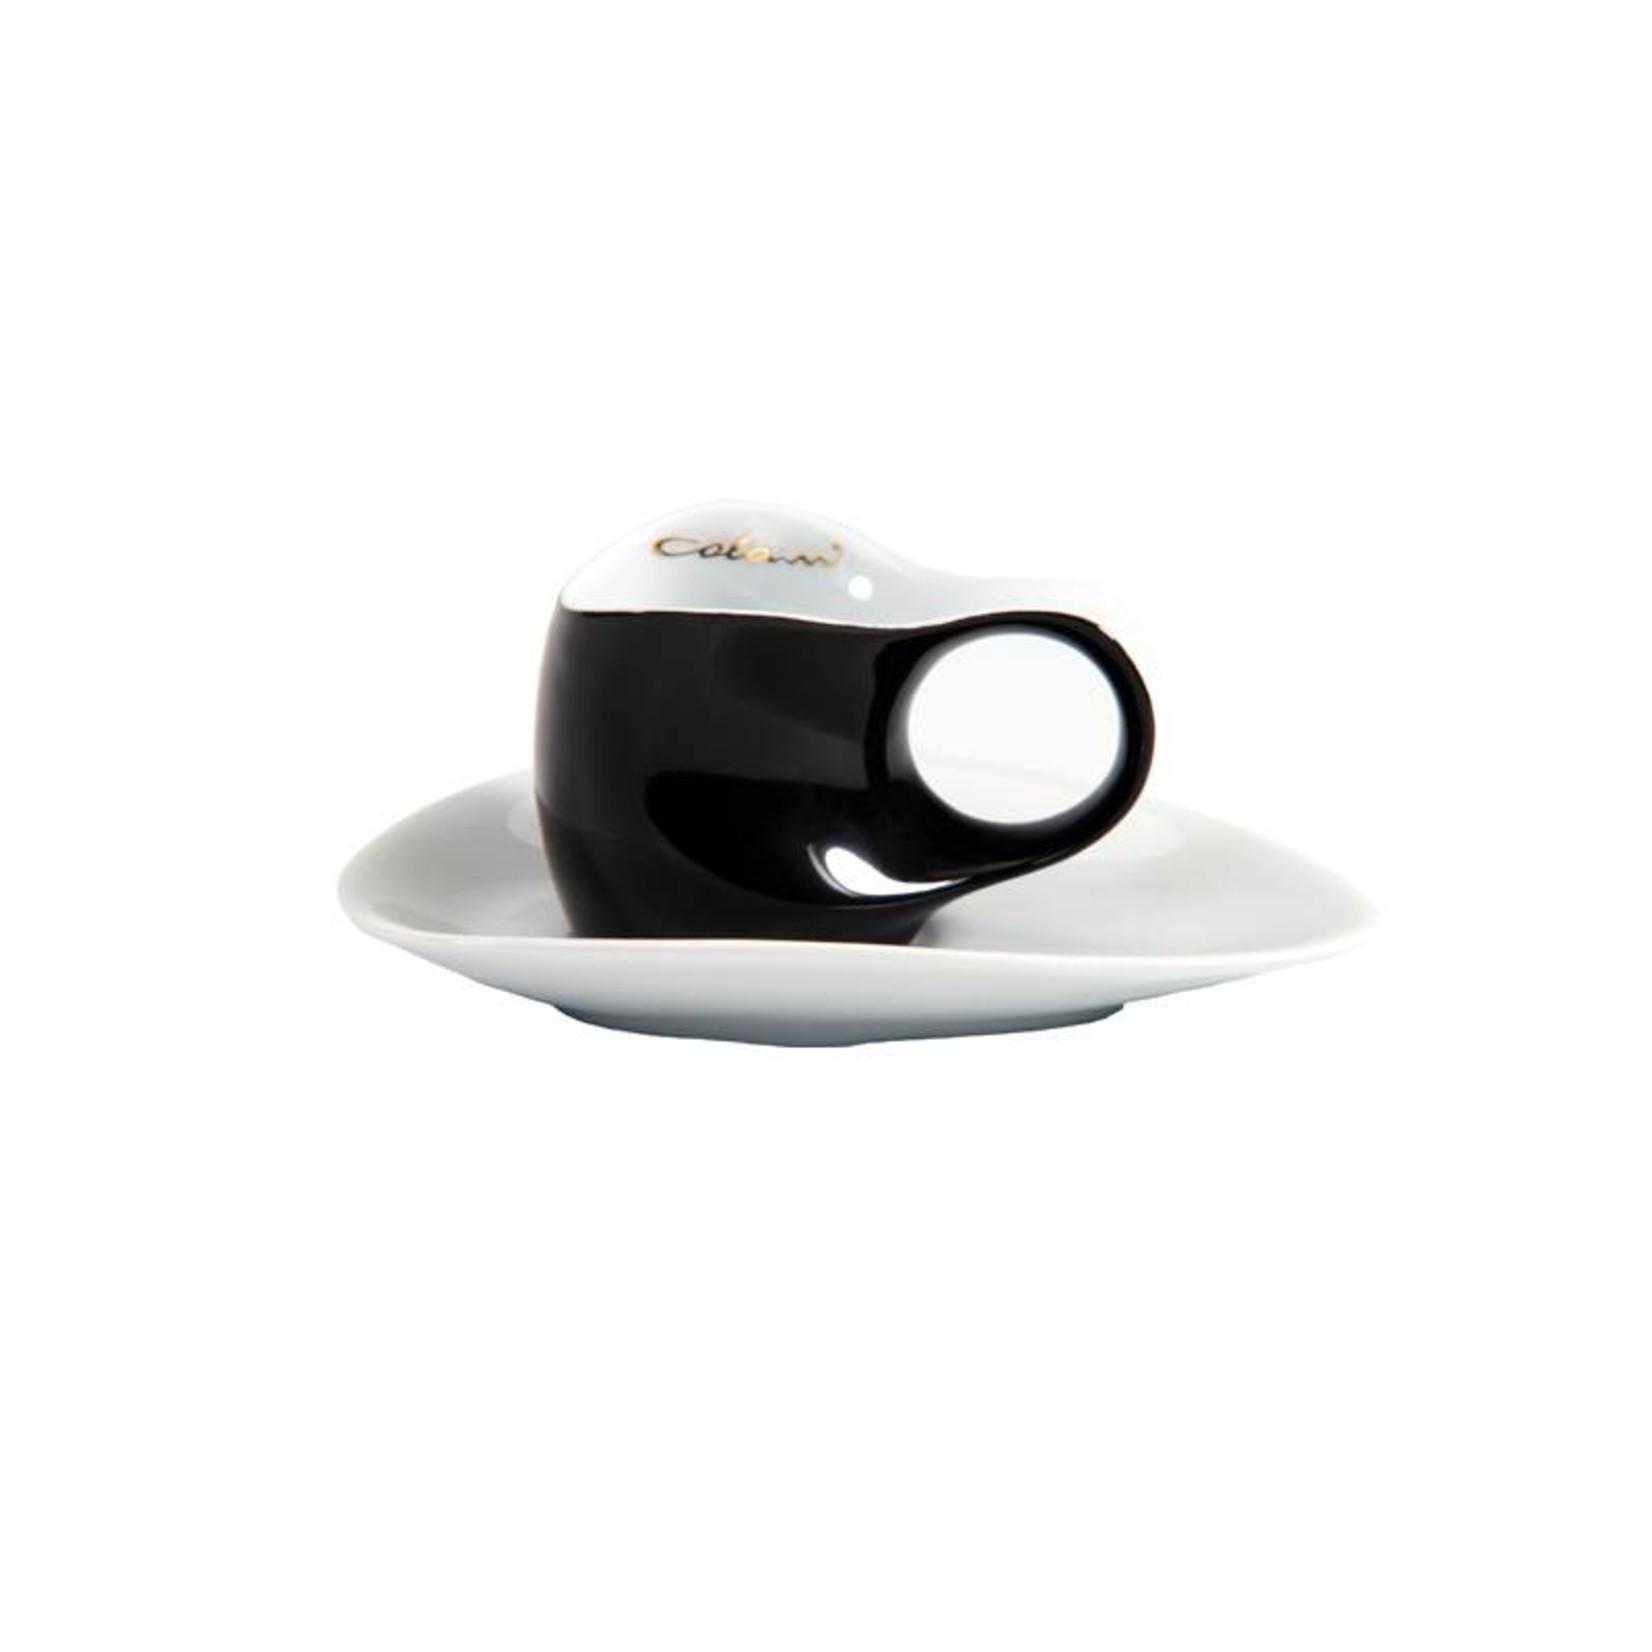 Colani Porzellanserie Colani Espressotasse | Tasse inkl. Unterteller | schwarz